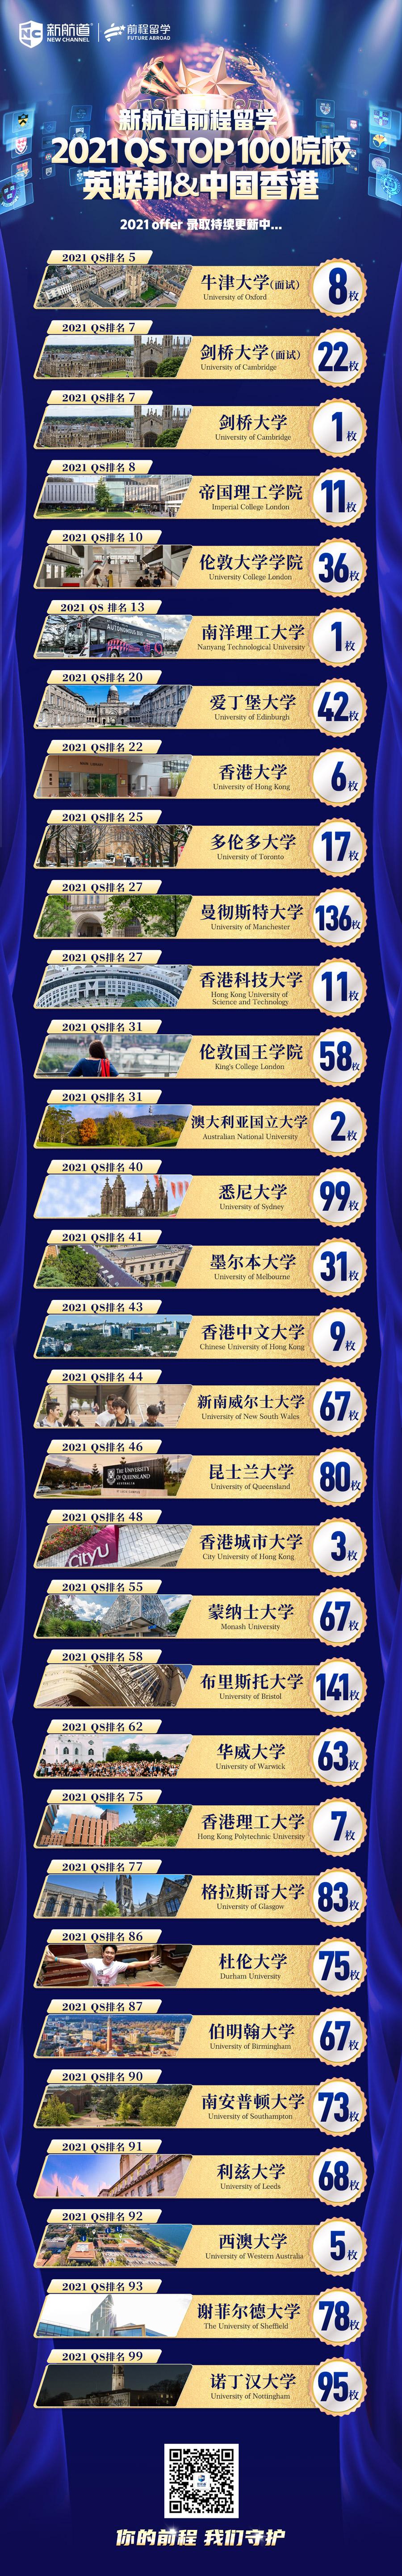 英联邦&中国香港TOP100院校offer震撼来袭!第一波录取,抢先看